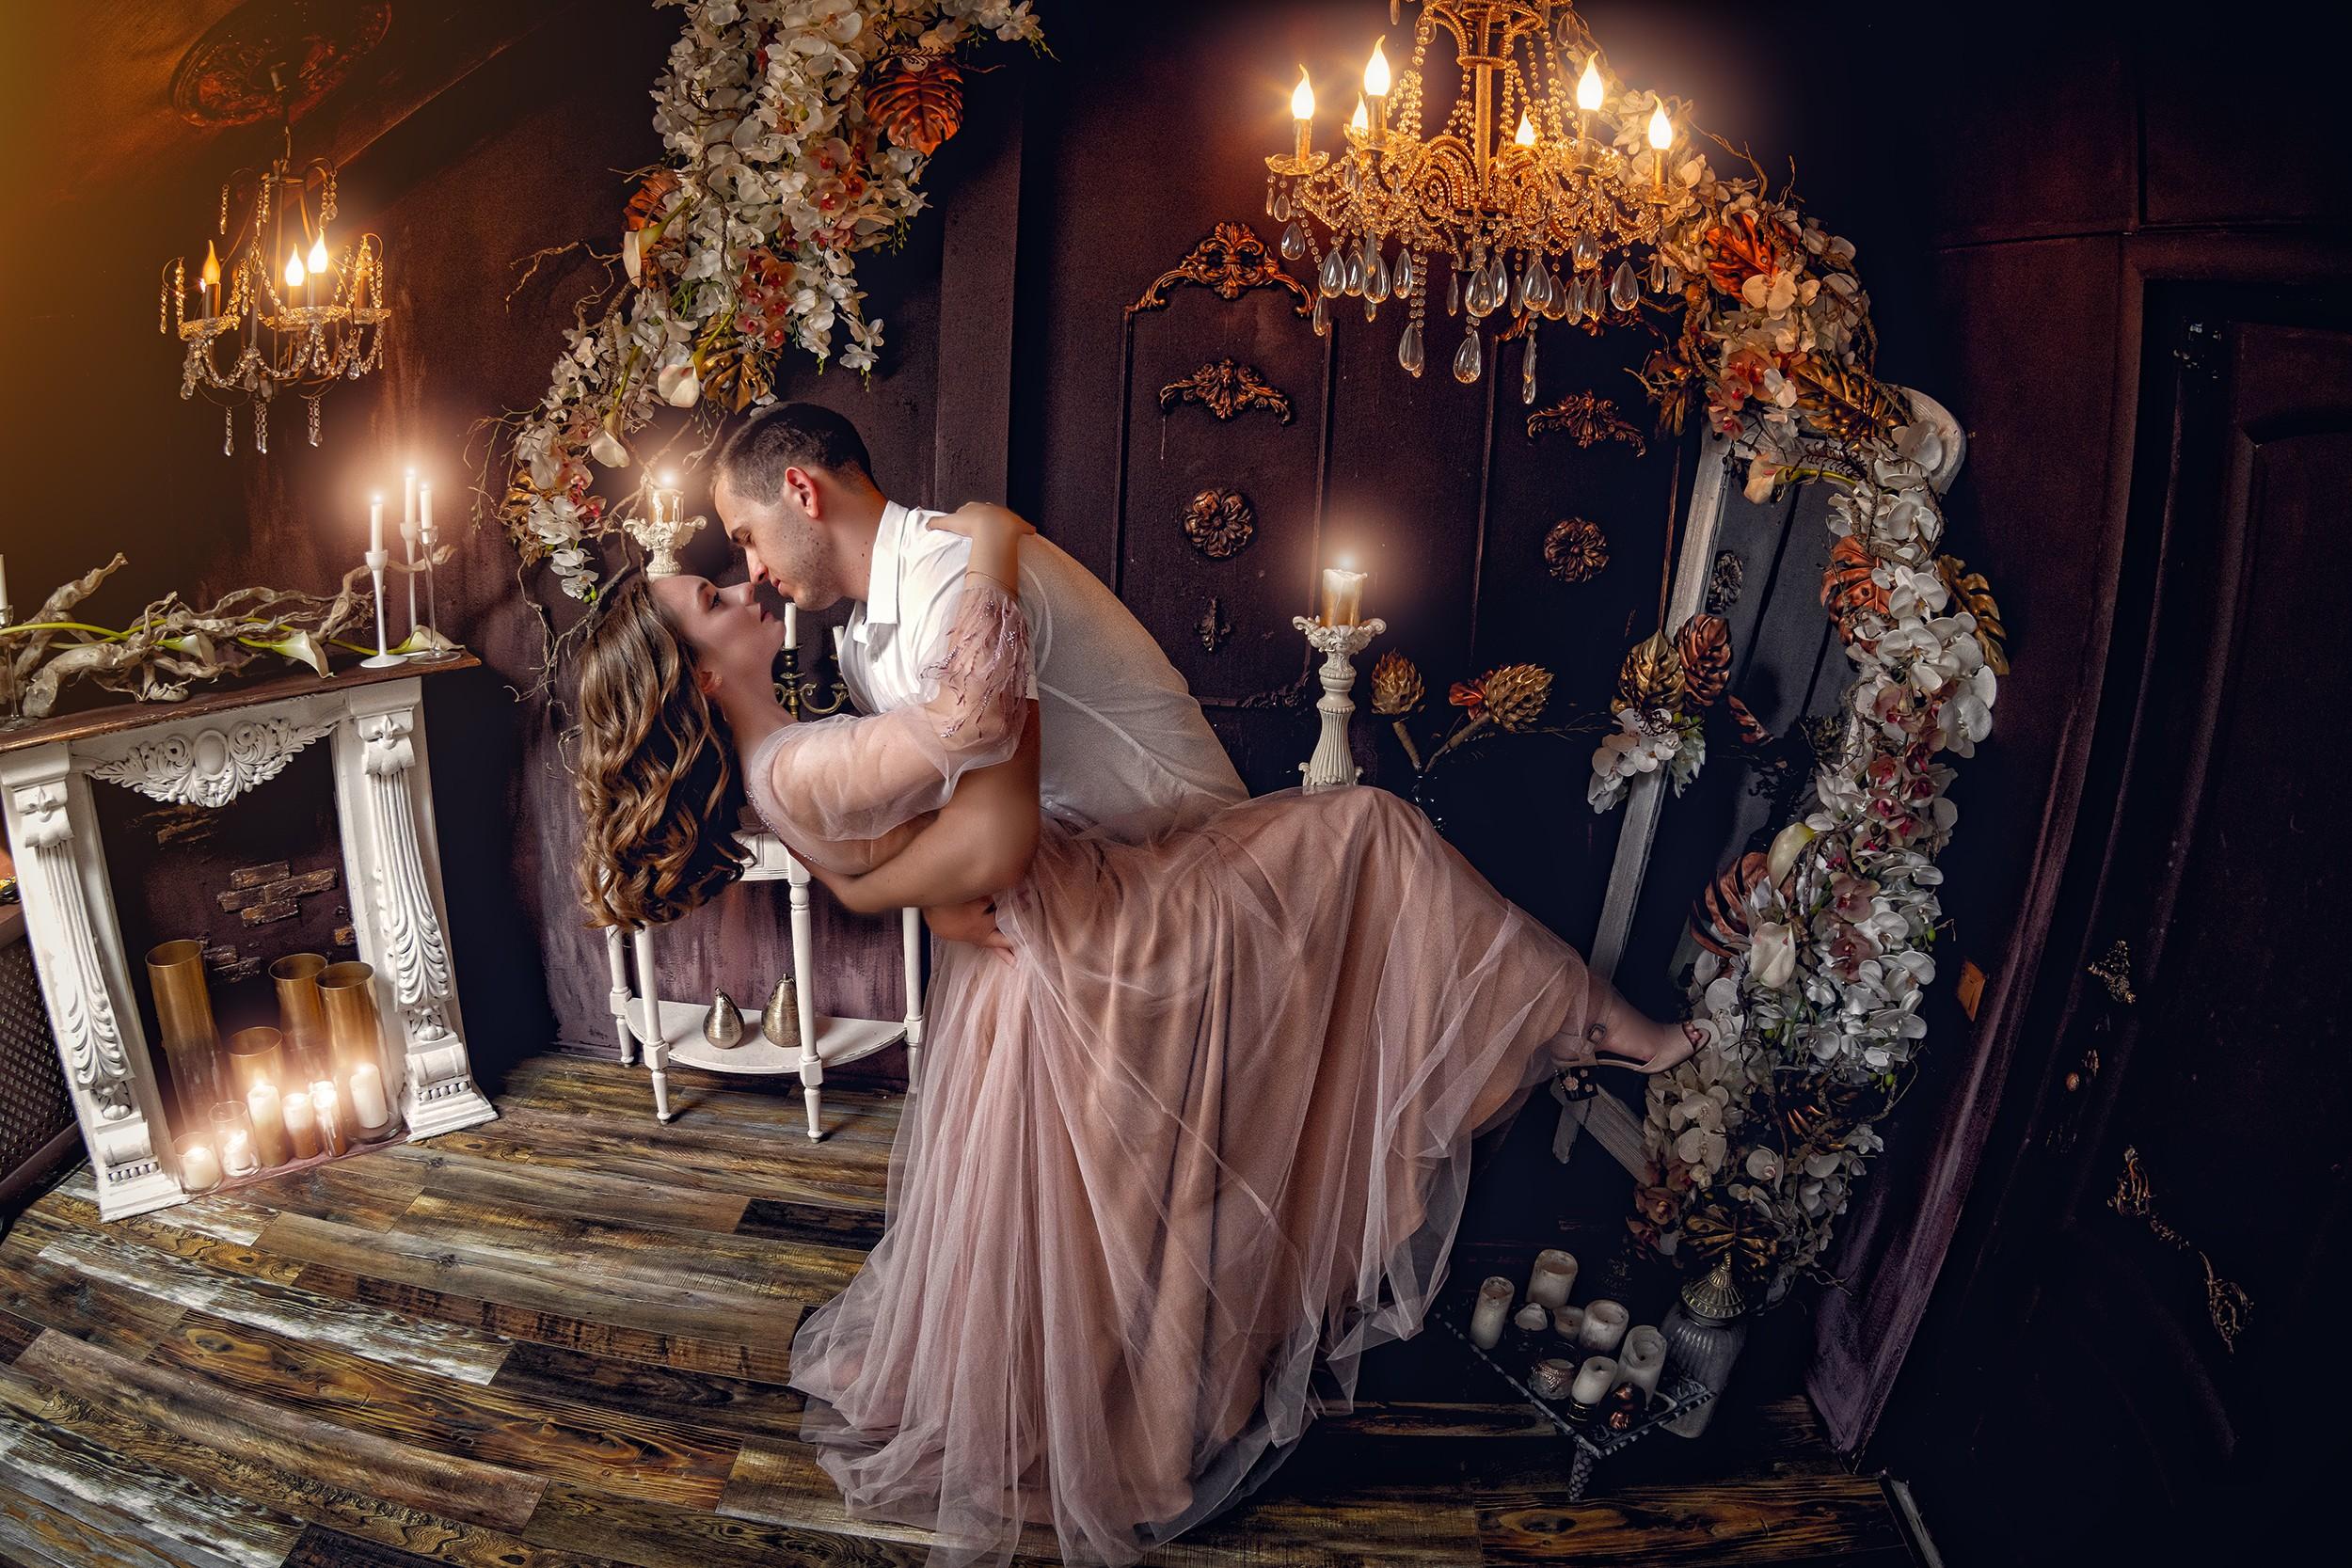 Свадебная съемка в студии Краснодара от краснодарского свадебного фотографа: яркая страсть молодых